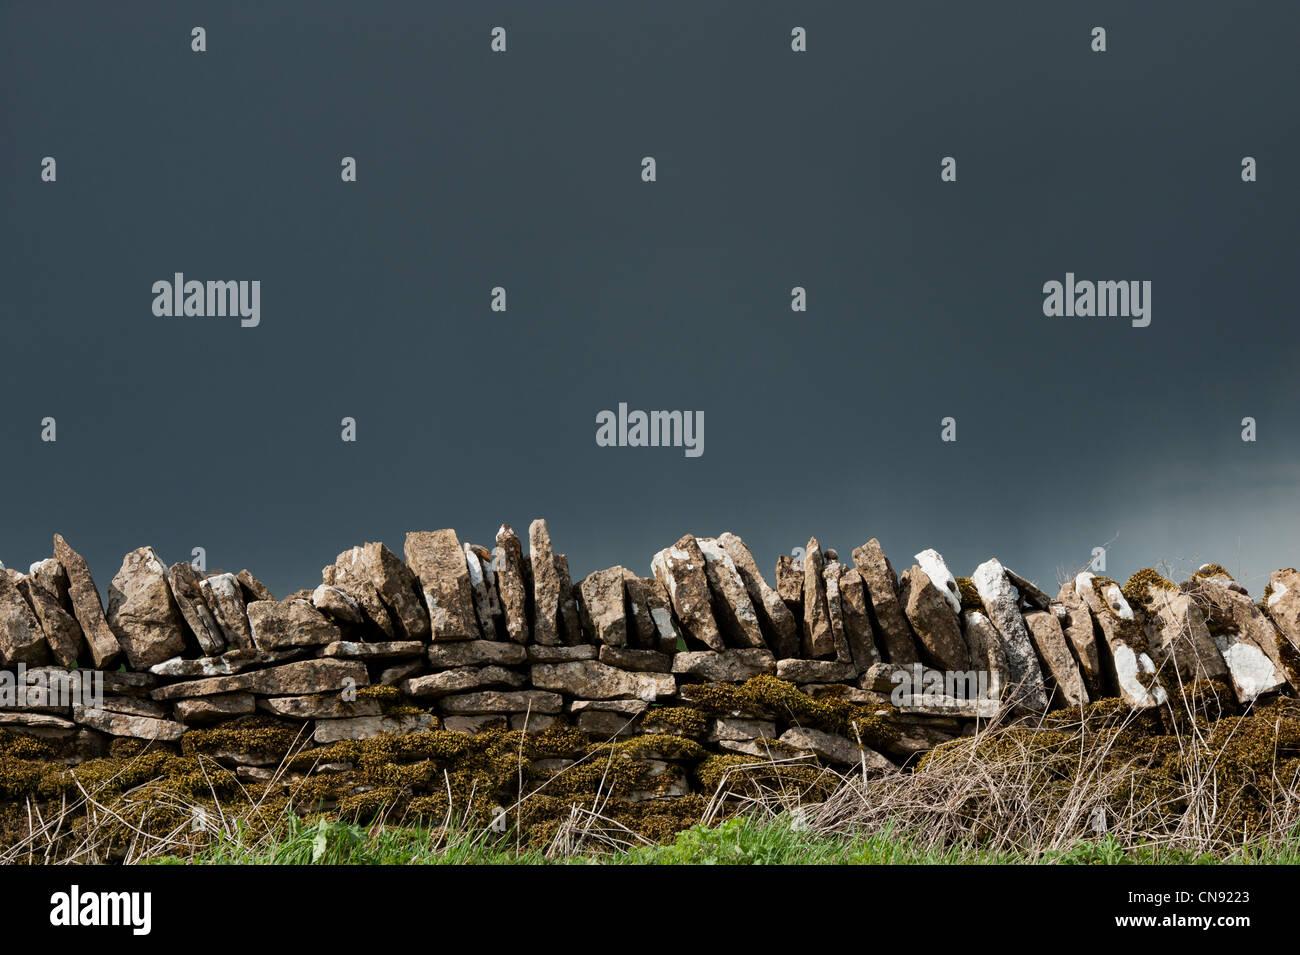 Pluie nuages orageux sur vieux mur de pierres sèches dans la campagne anglaise Photo Stock